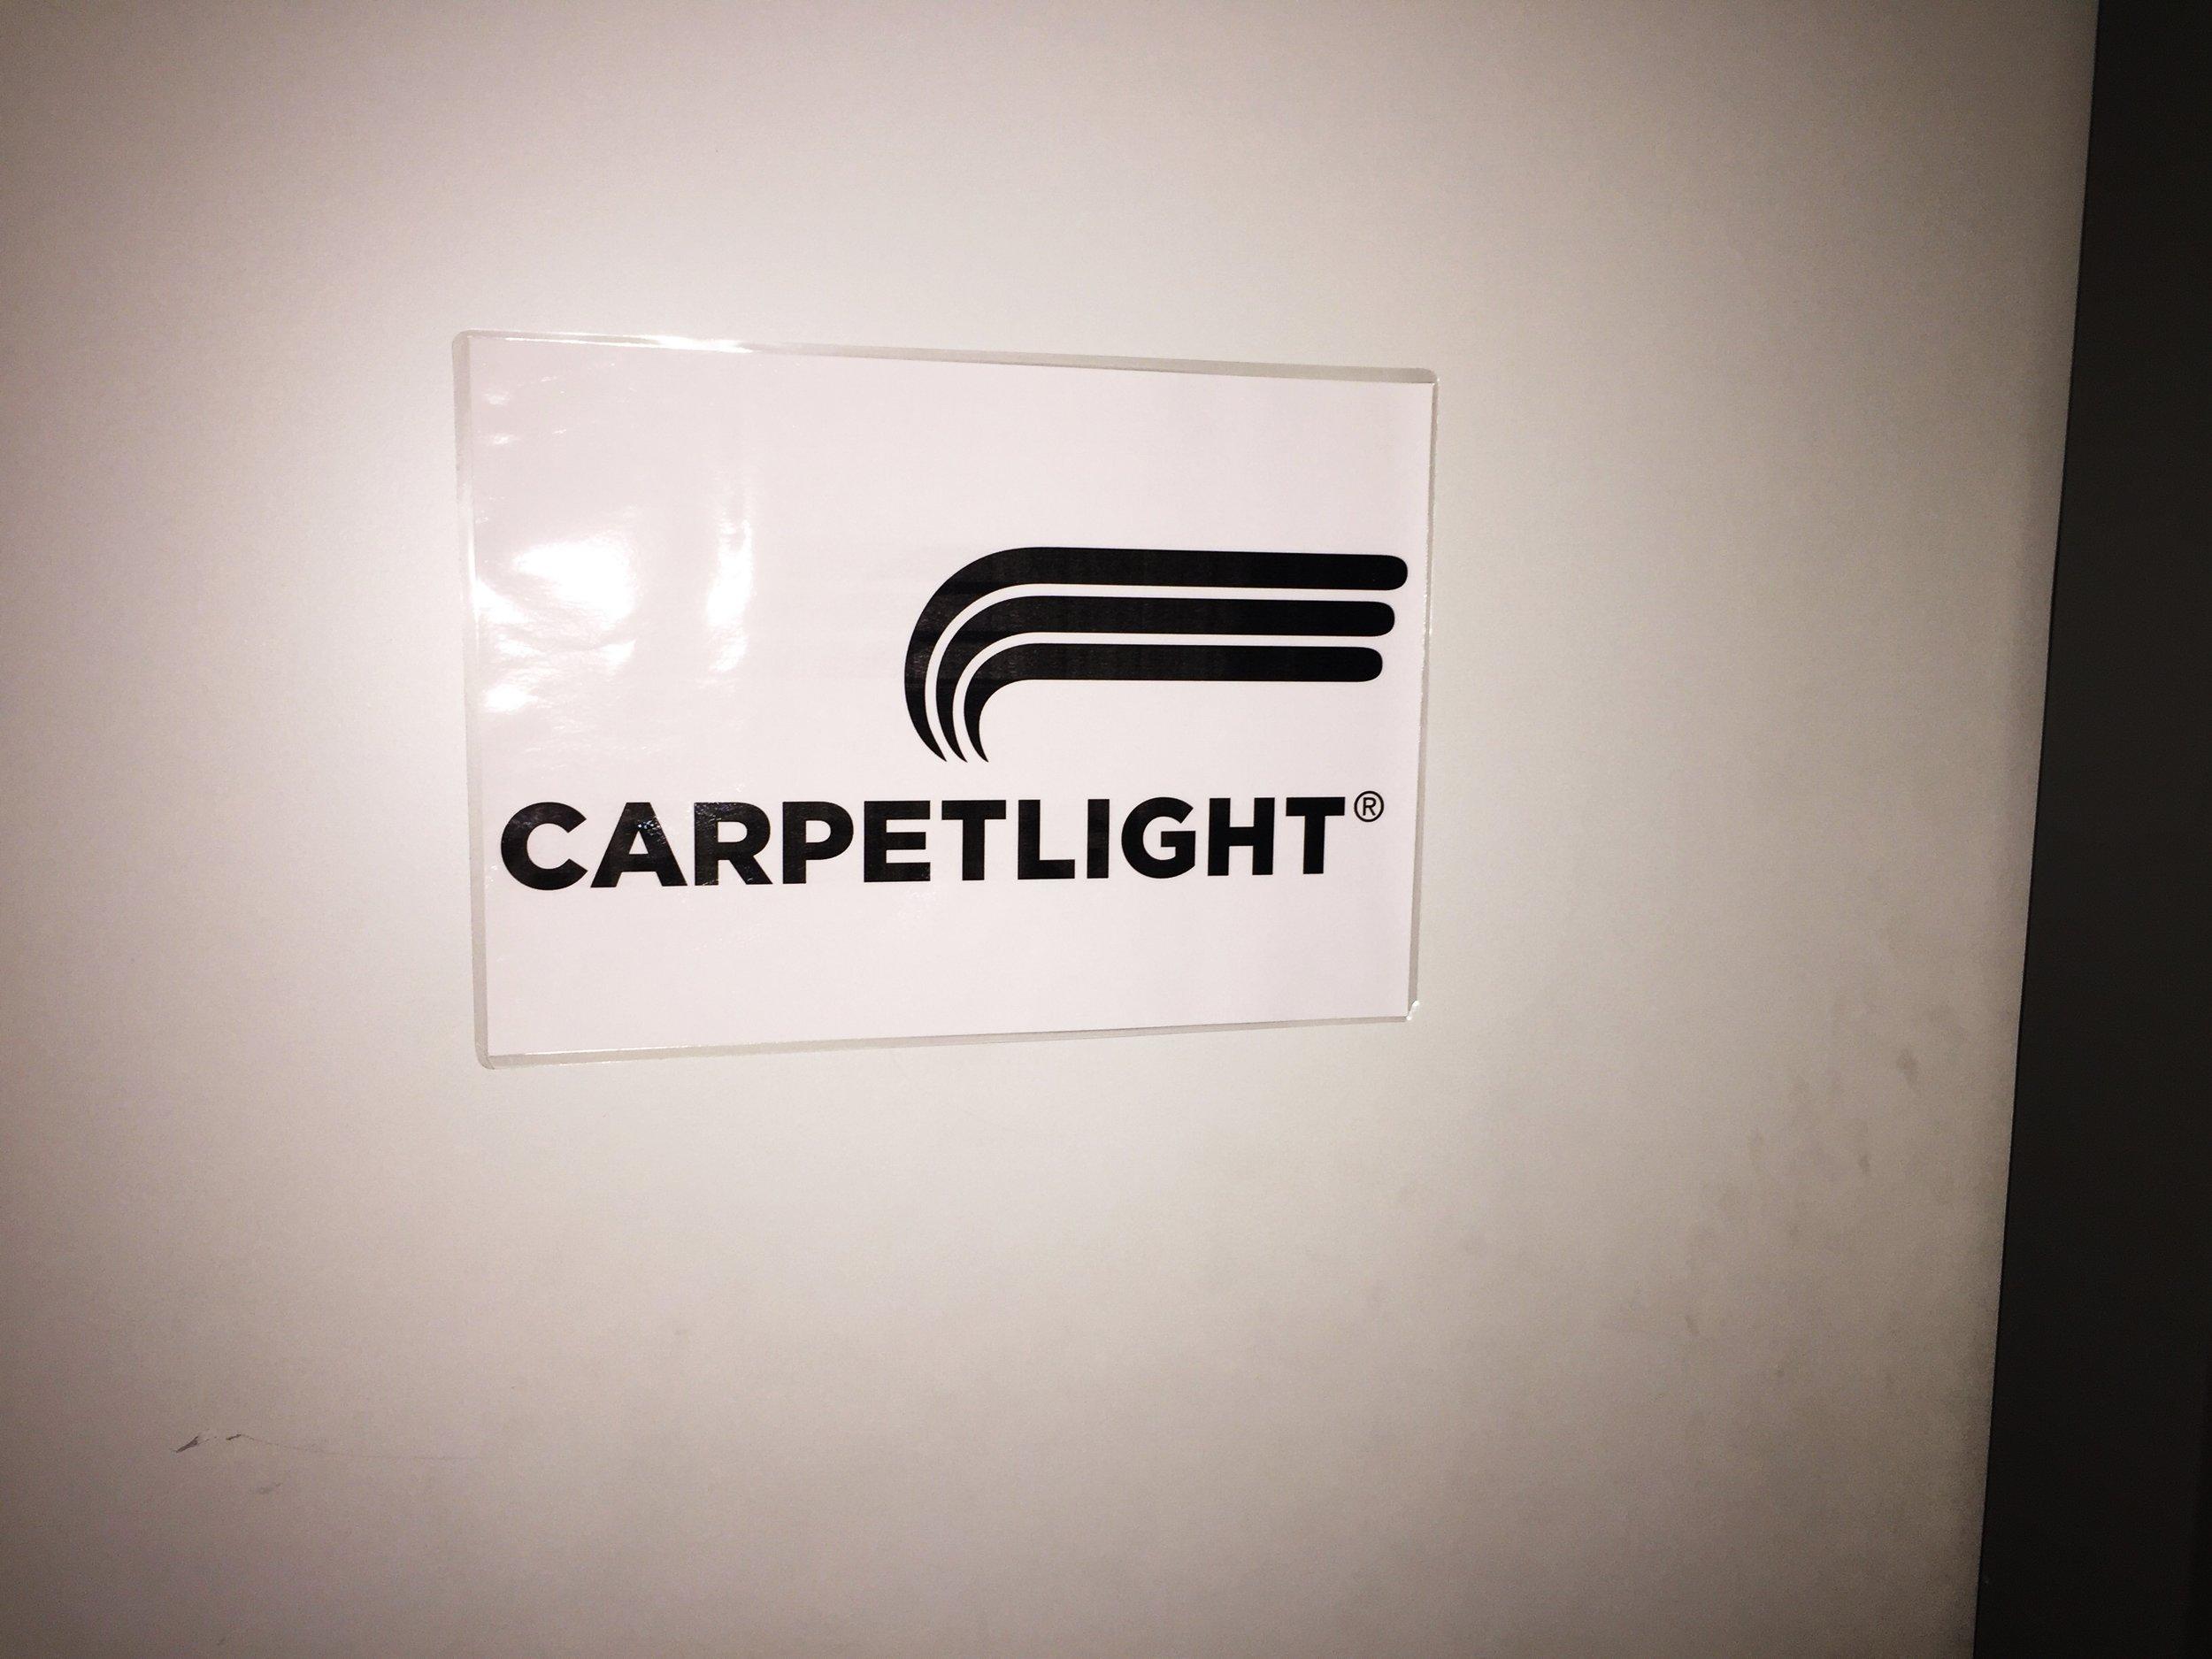 CARPETLIGHT muss sich nicht verstecken. Sie tuhen es aber. Hinter einer Treppe findet man nach kurzer suchen den Frimensitz hinter diesem Schild. :)